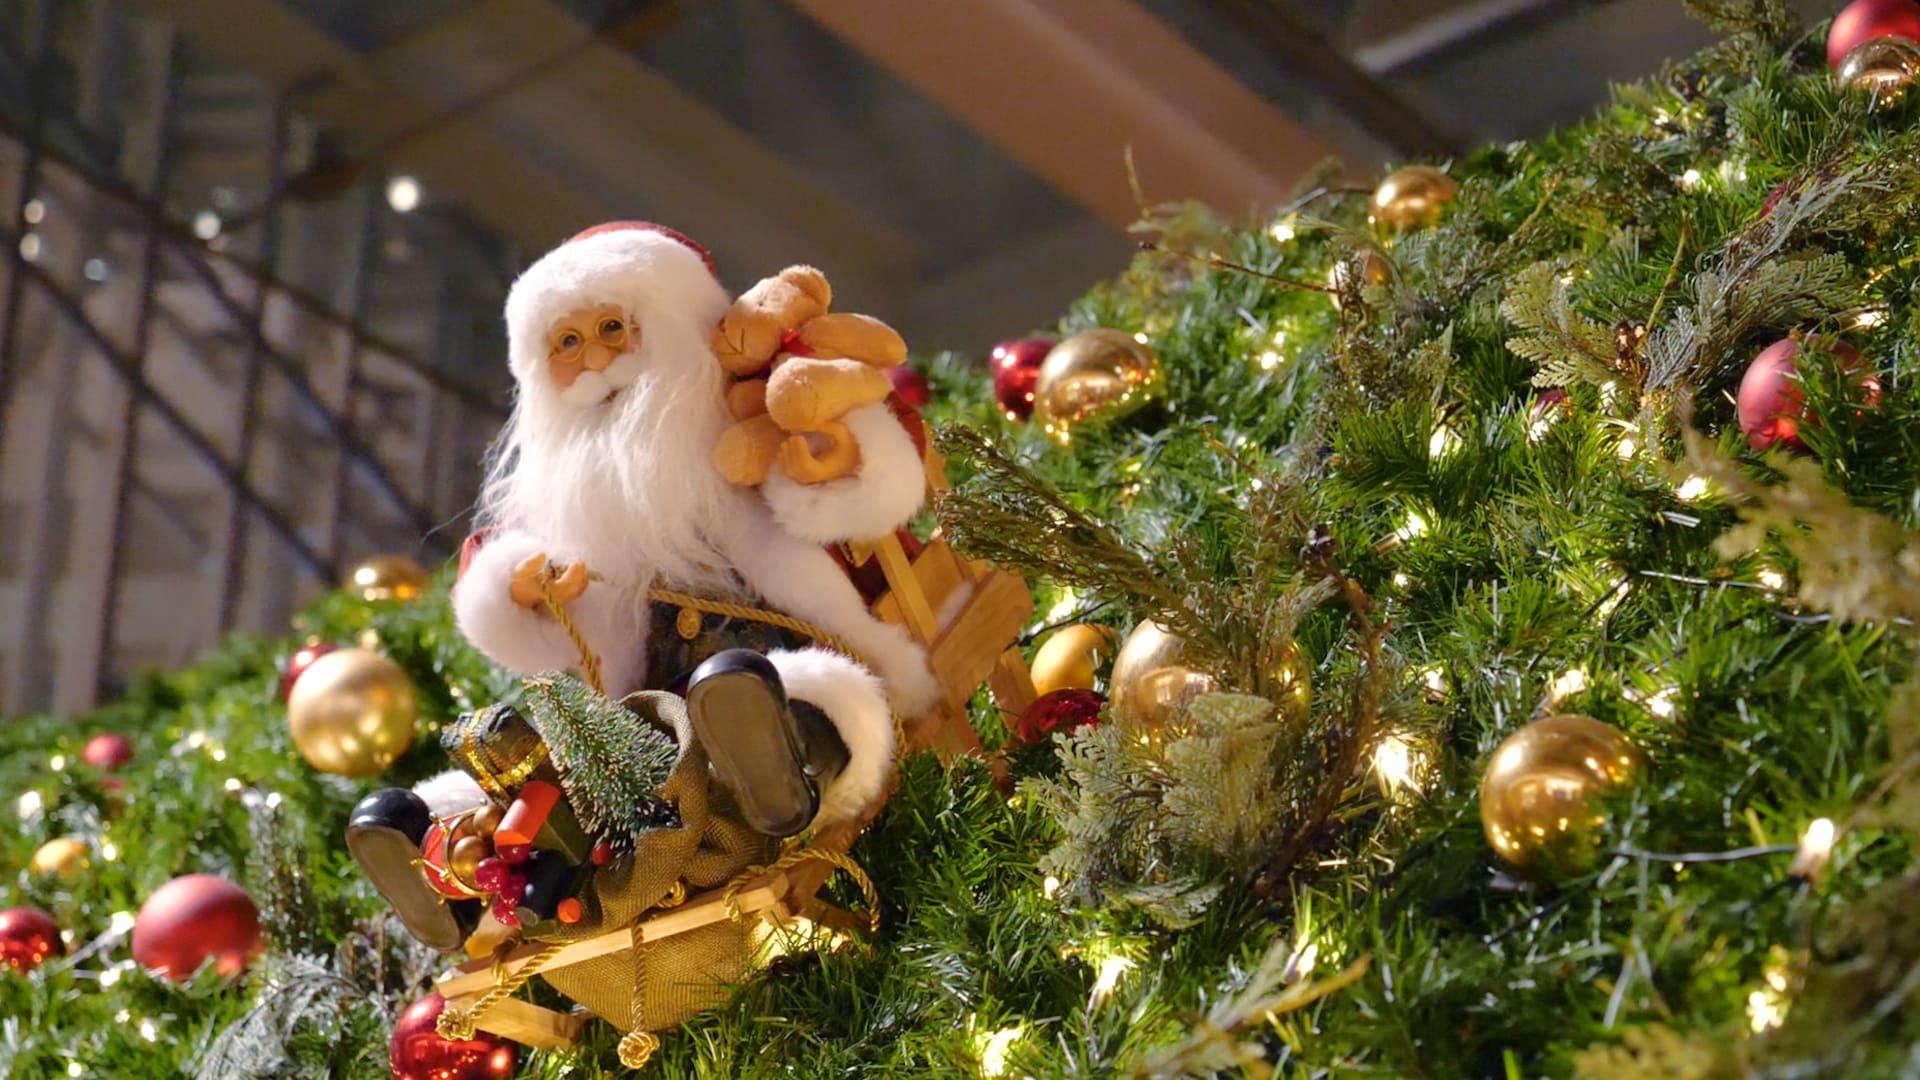 六本木 クリスマスイベント イルミネーション2018 おすすめ情報 2018年12月18日 エキサイトニュース